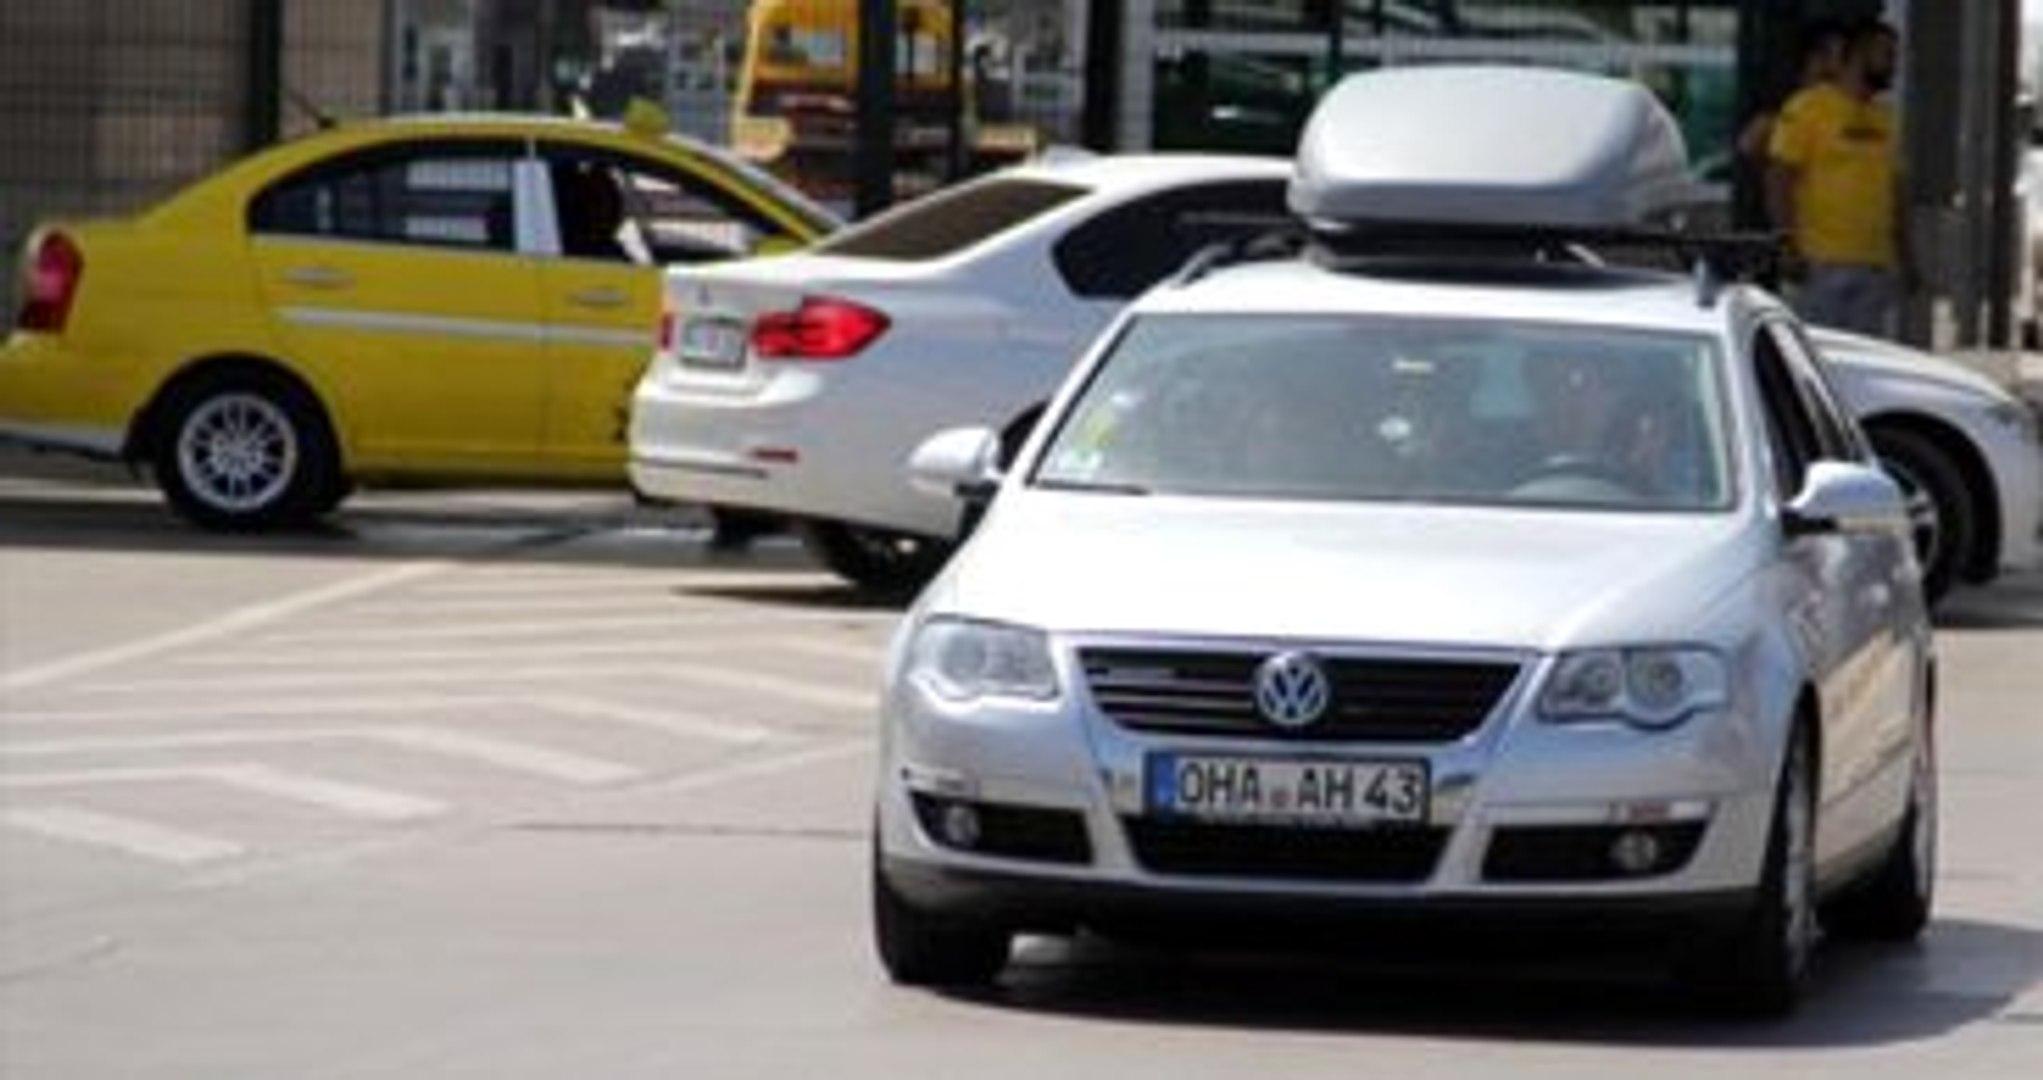 Yurt Dışındaki Emeklilerin Araçları İçin, 185 Gün Çilesi Sona Erdirildi - Dailymotion Video